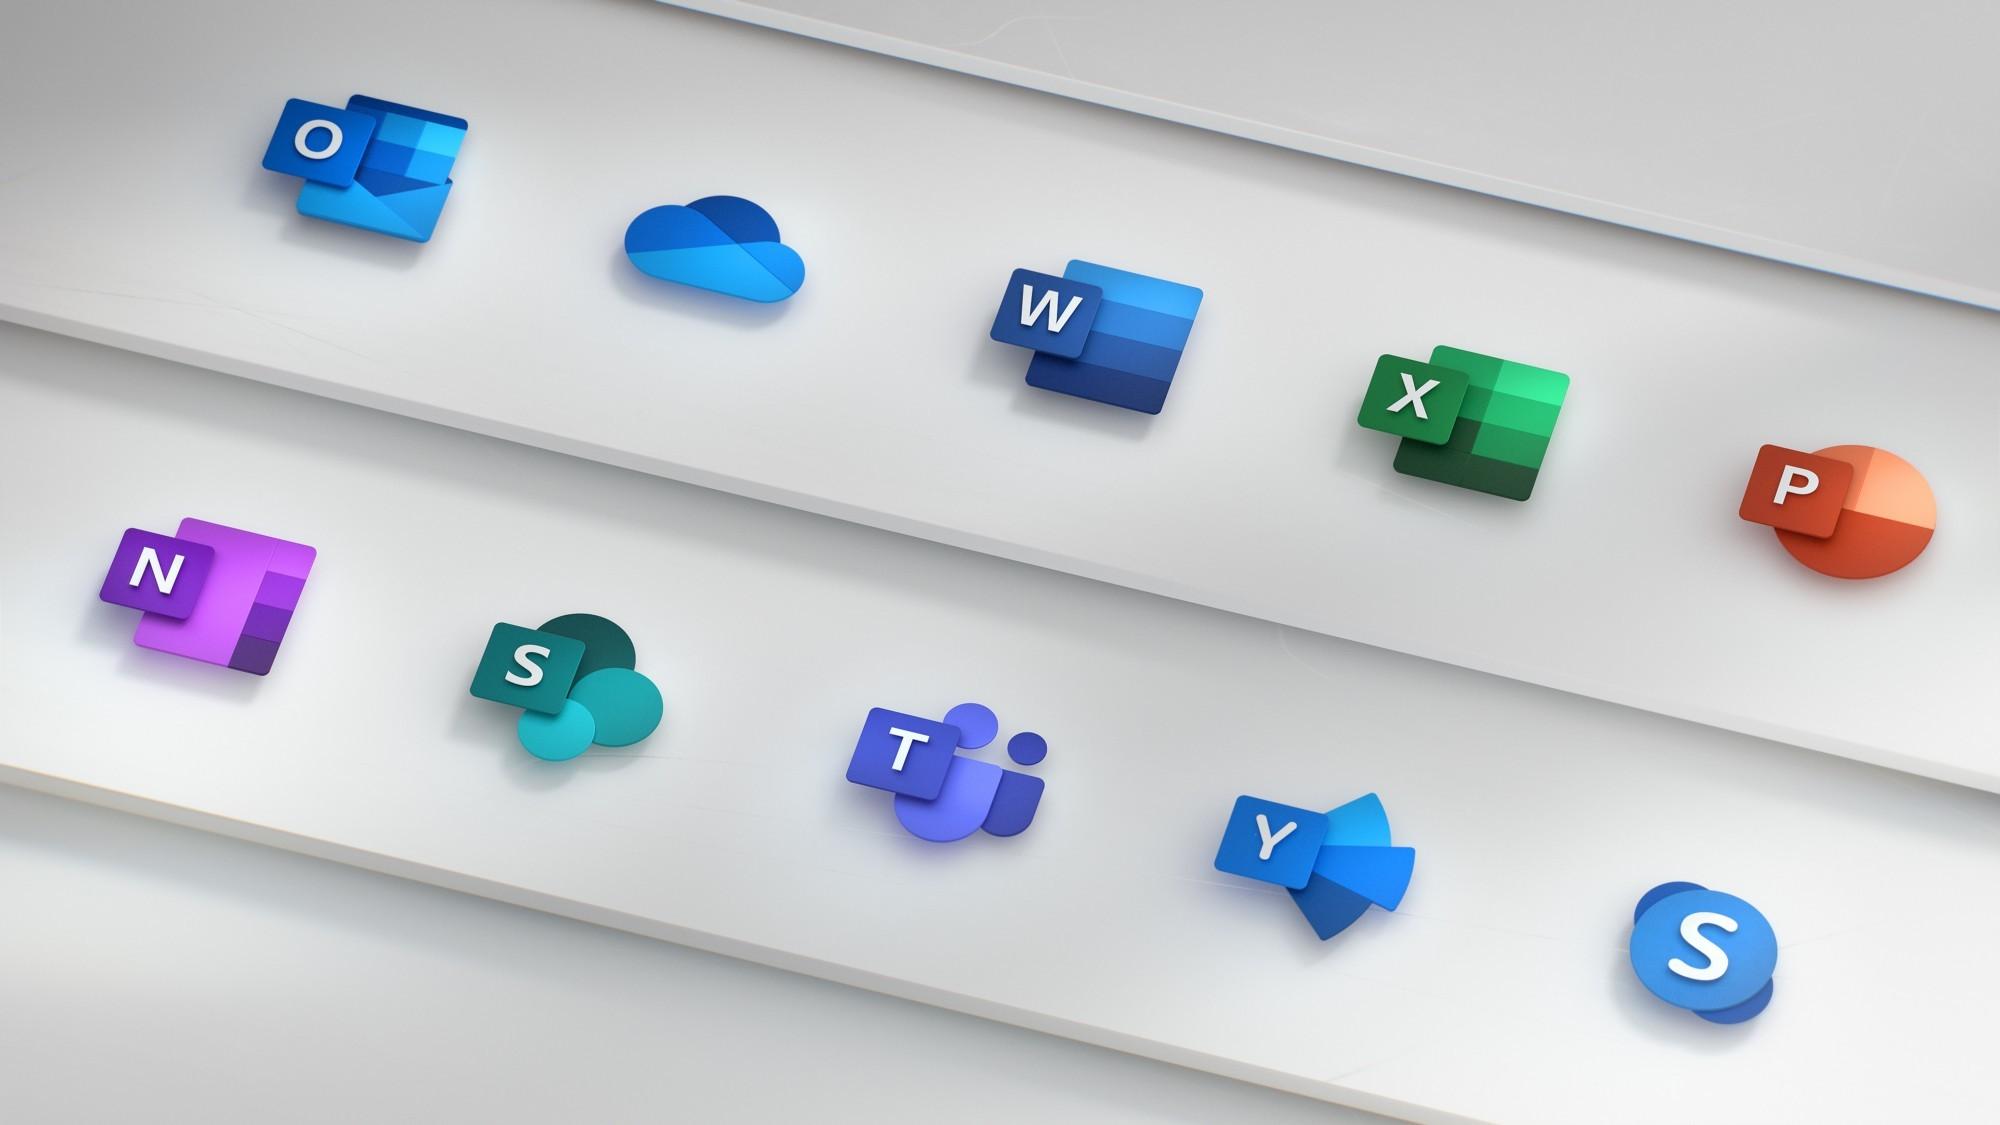 Windows 10X forma hartzen du.  Bi fitxategi kudeatzaile berriak probatu ditugu